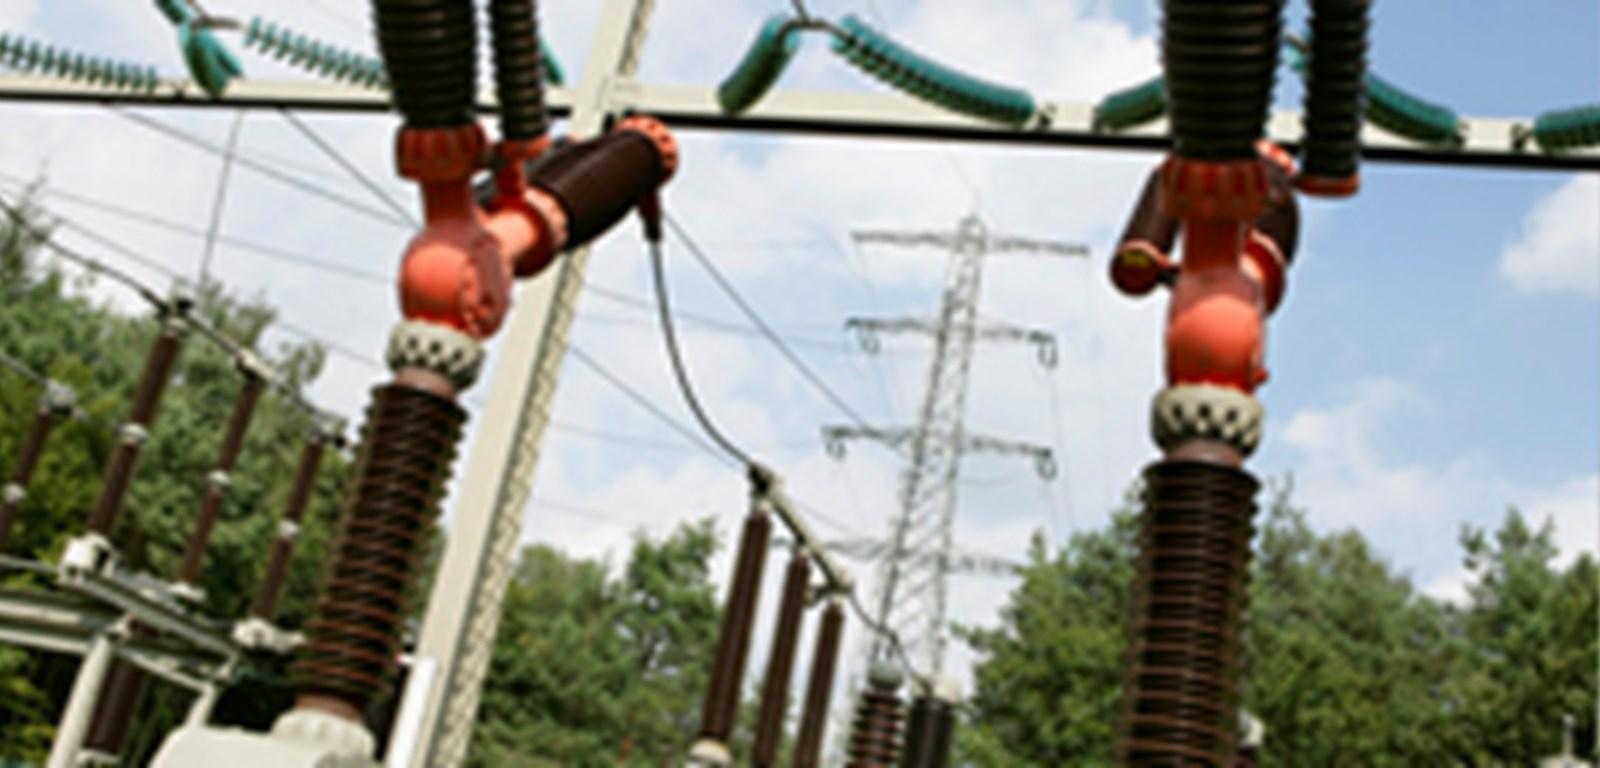 Onderzoek naar kwaliteit elektriciteitsvoorziening in Nederland